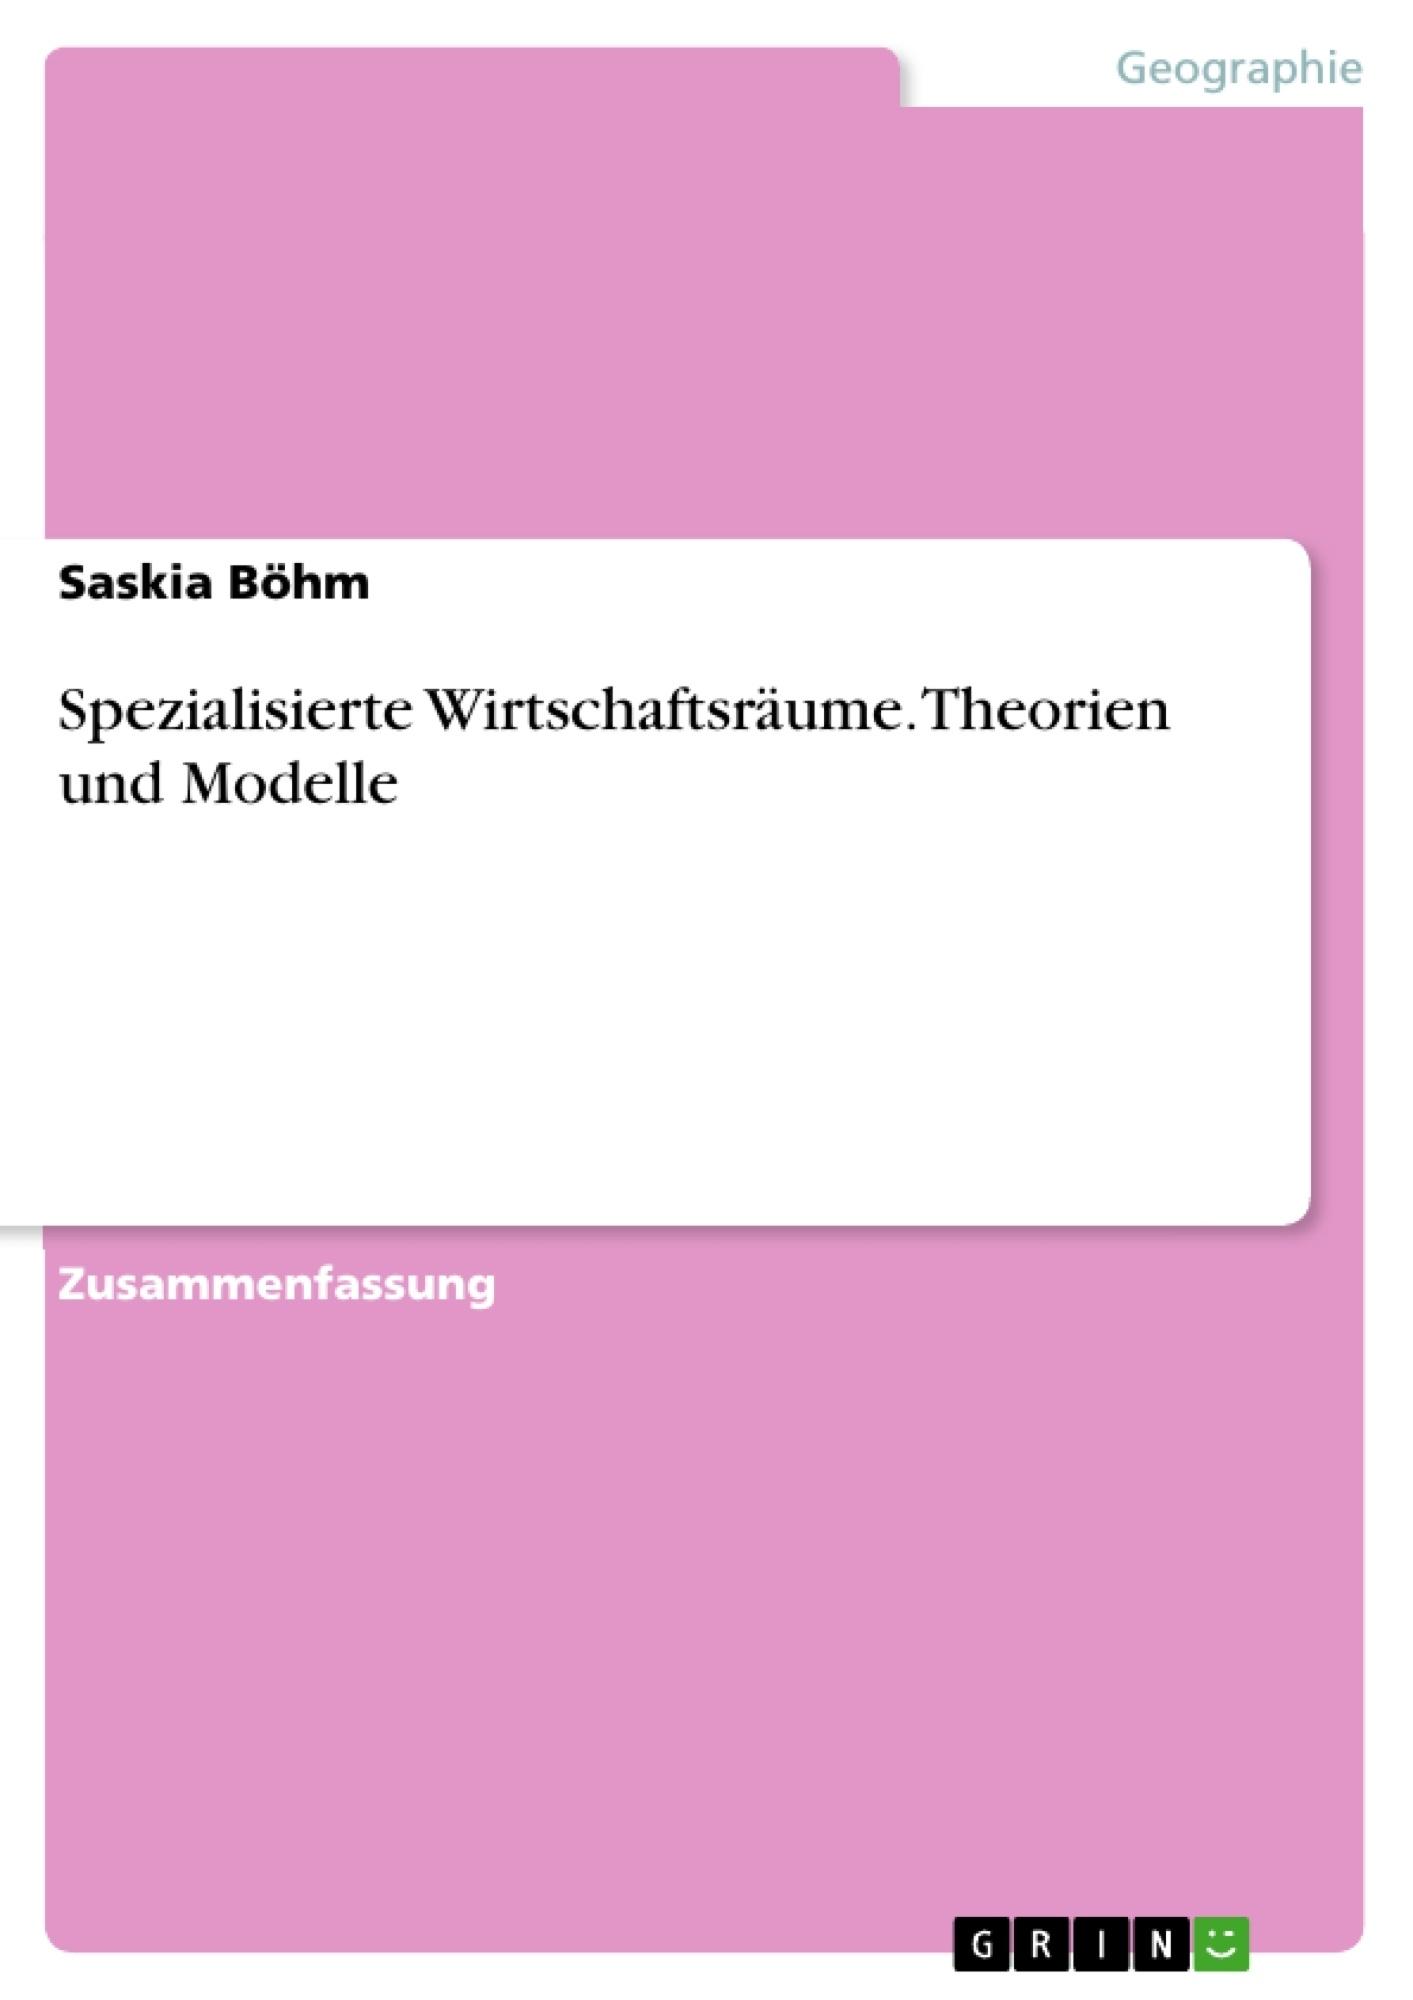 Titel: Spezialisierte Wirtschaftsräume. Theorien und Modelle